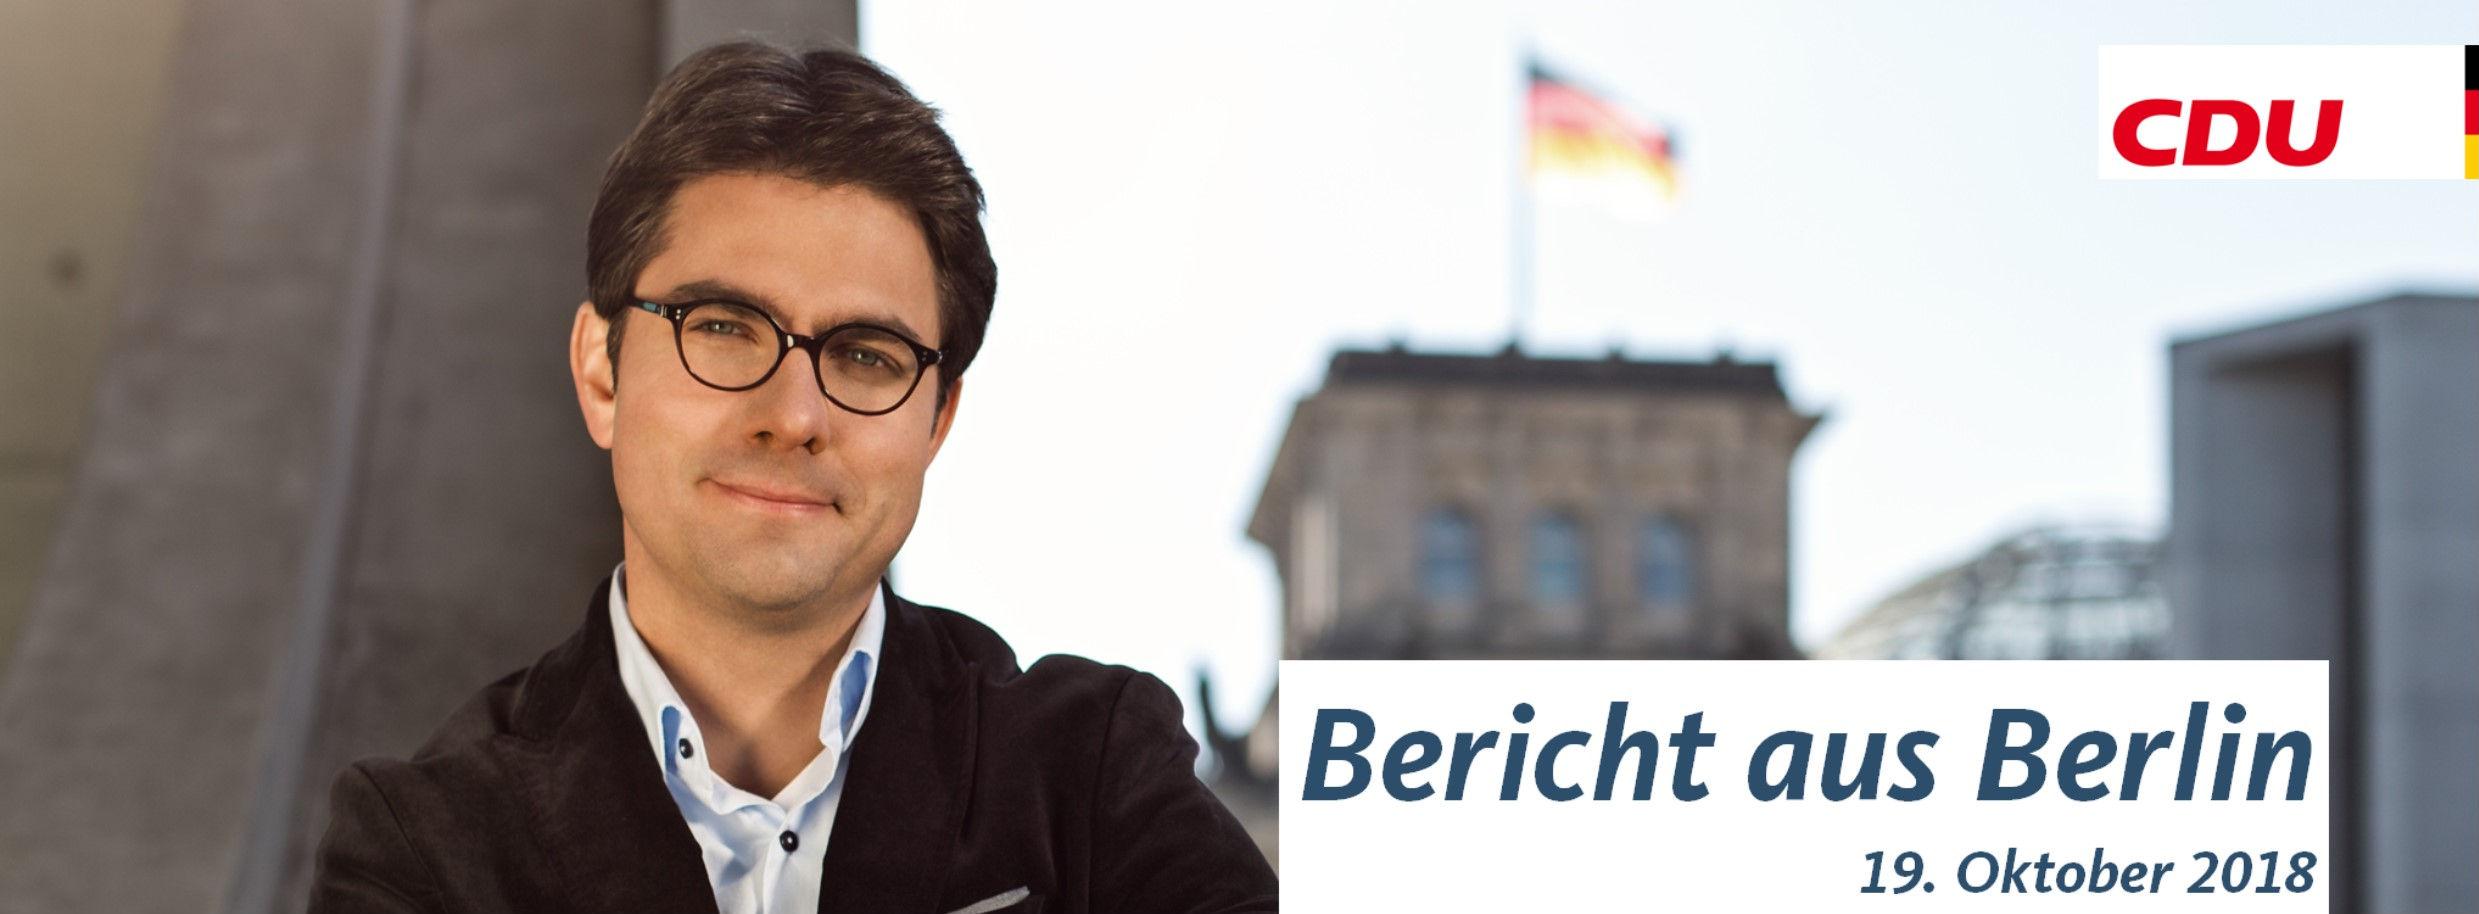 Bericht aus Berlin vom 19. Oktober 2018